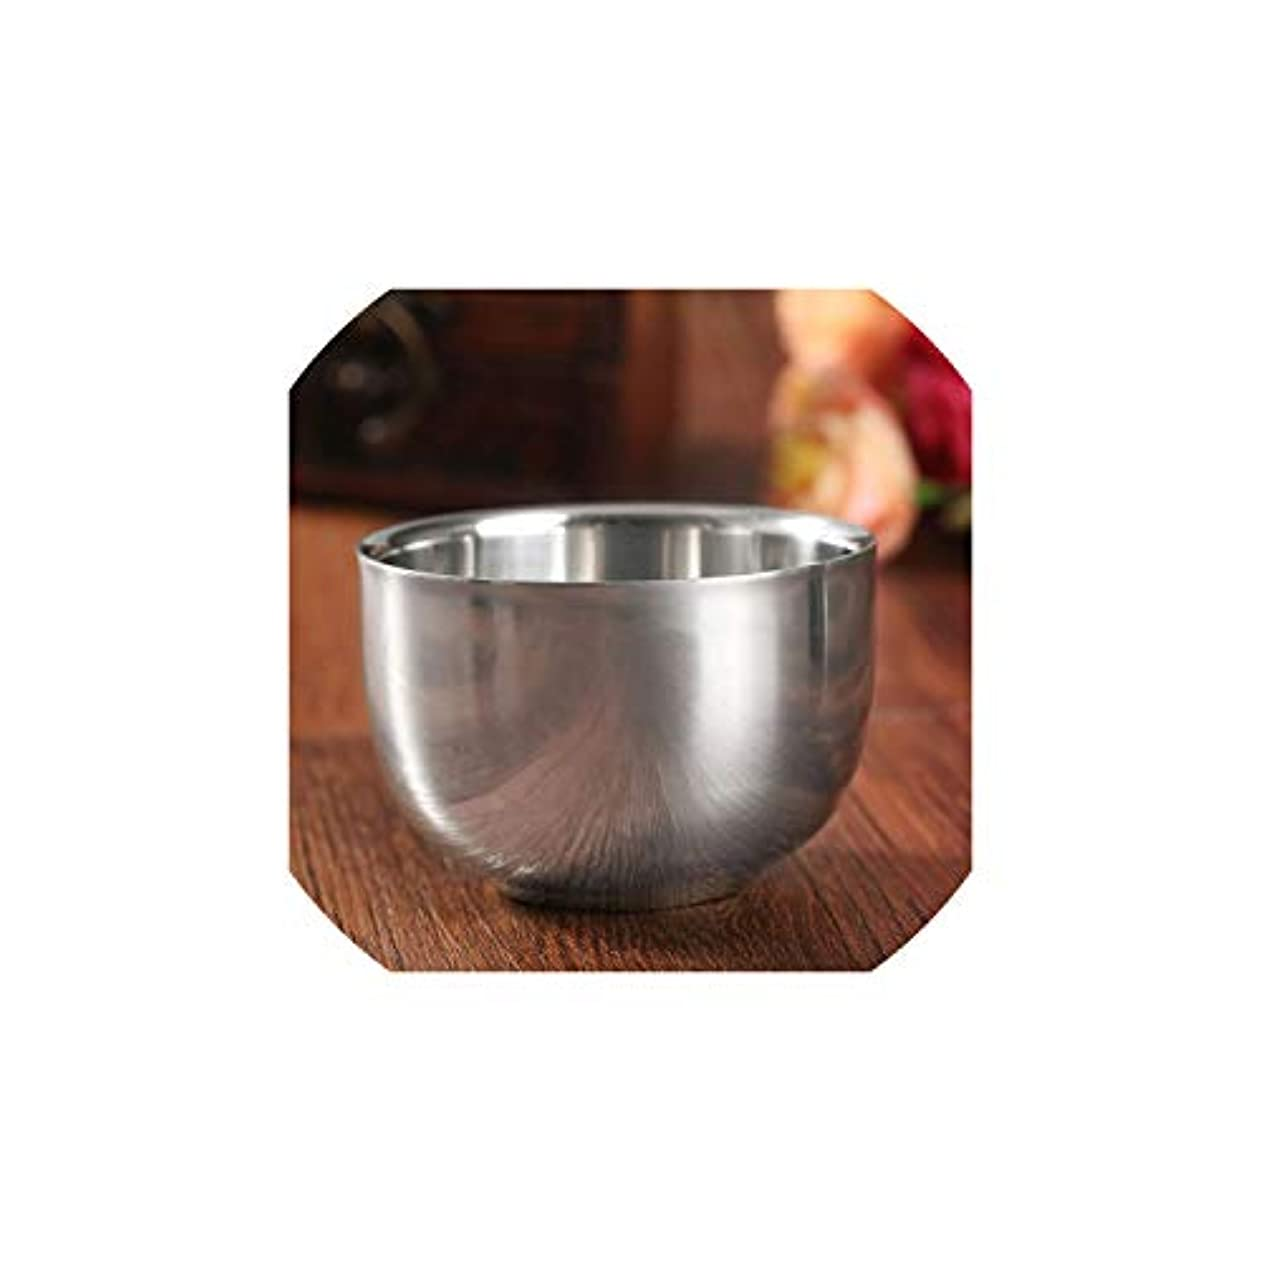 万歳想定慈悲深いDream-catching 7.2cm ステンレススチール メタル メンズ シェービングマグ ボウルカップ シェービングマグ シェービングマグ メンズマグ ボウルカップ シェーブブラシ用